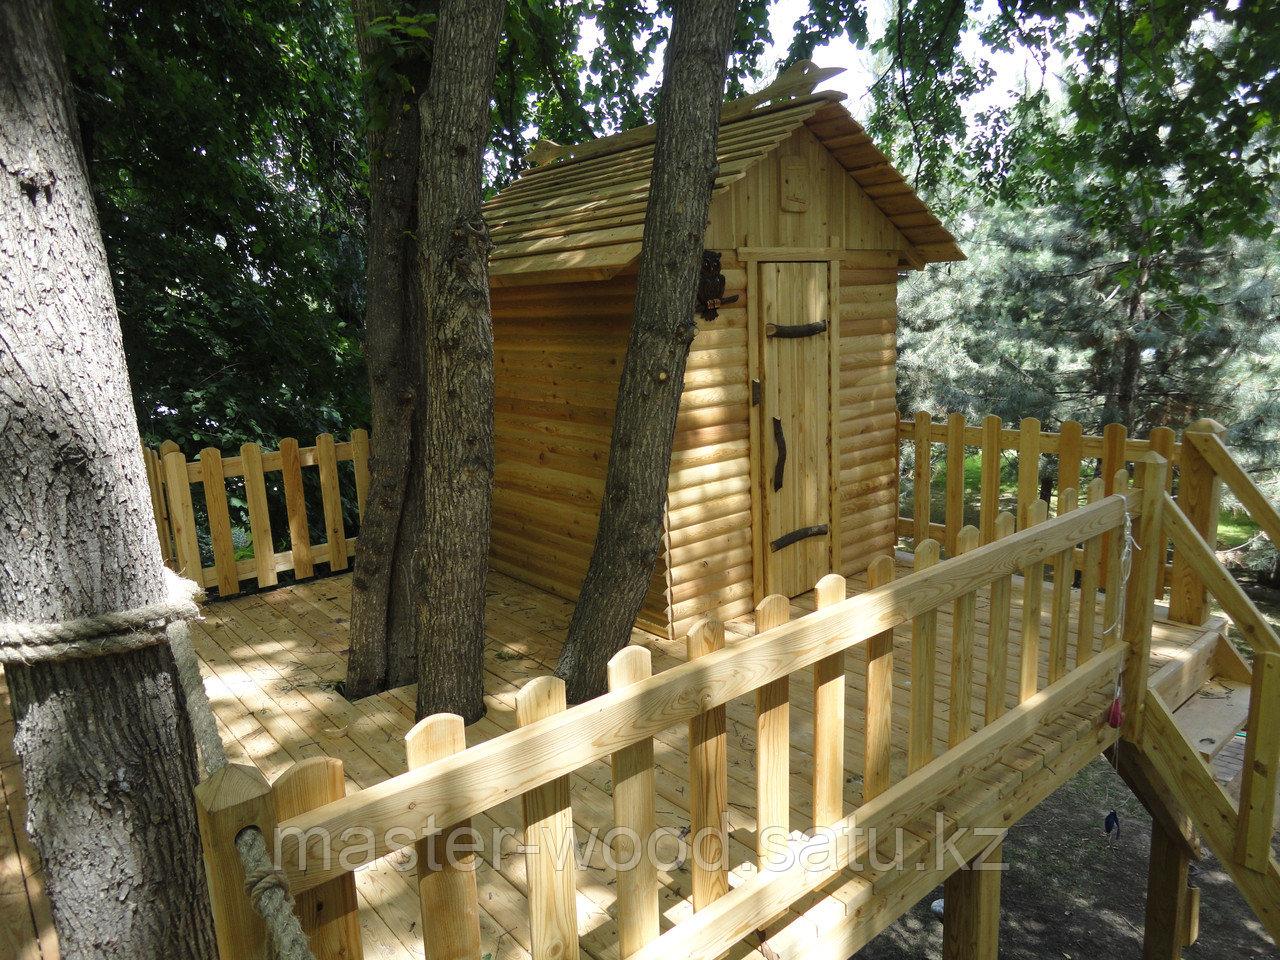 Деревянные садовые домики и домики на деревьях - фото 1